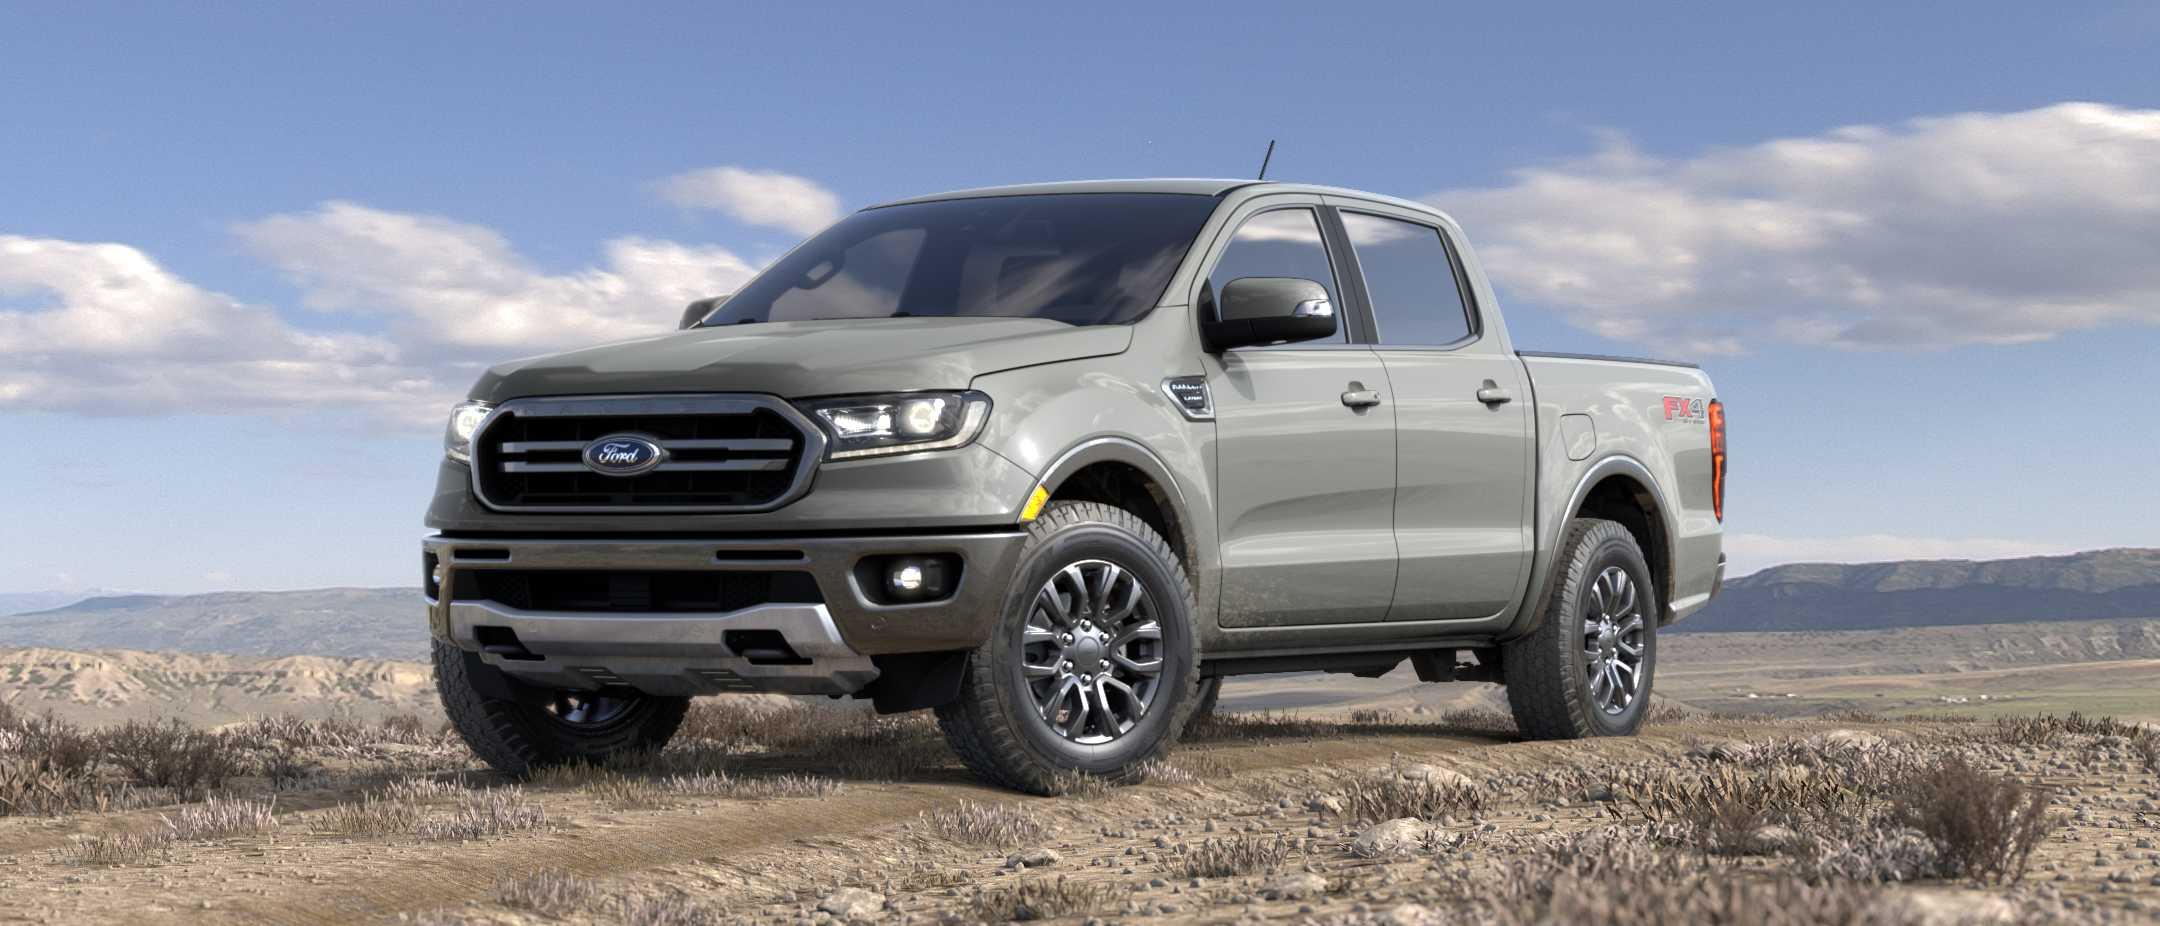 Кои автомобили трошат повеќе или помалку гориво од фабрички наведените податоци?!